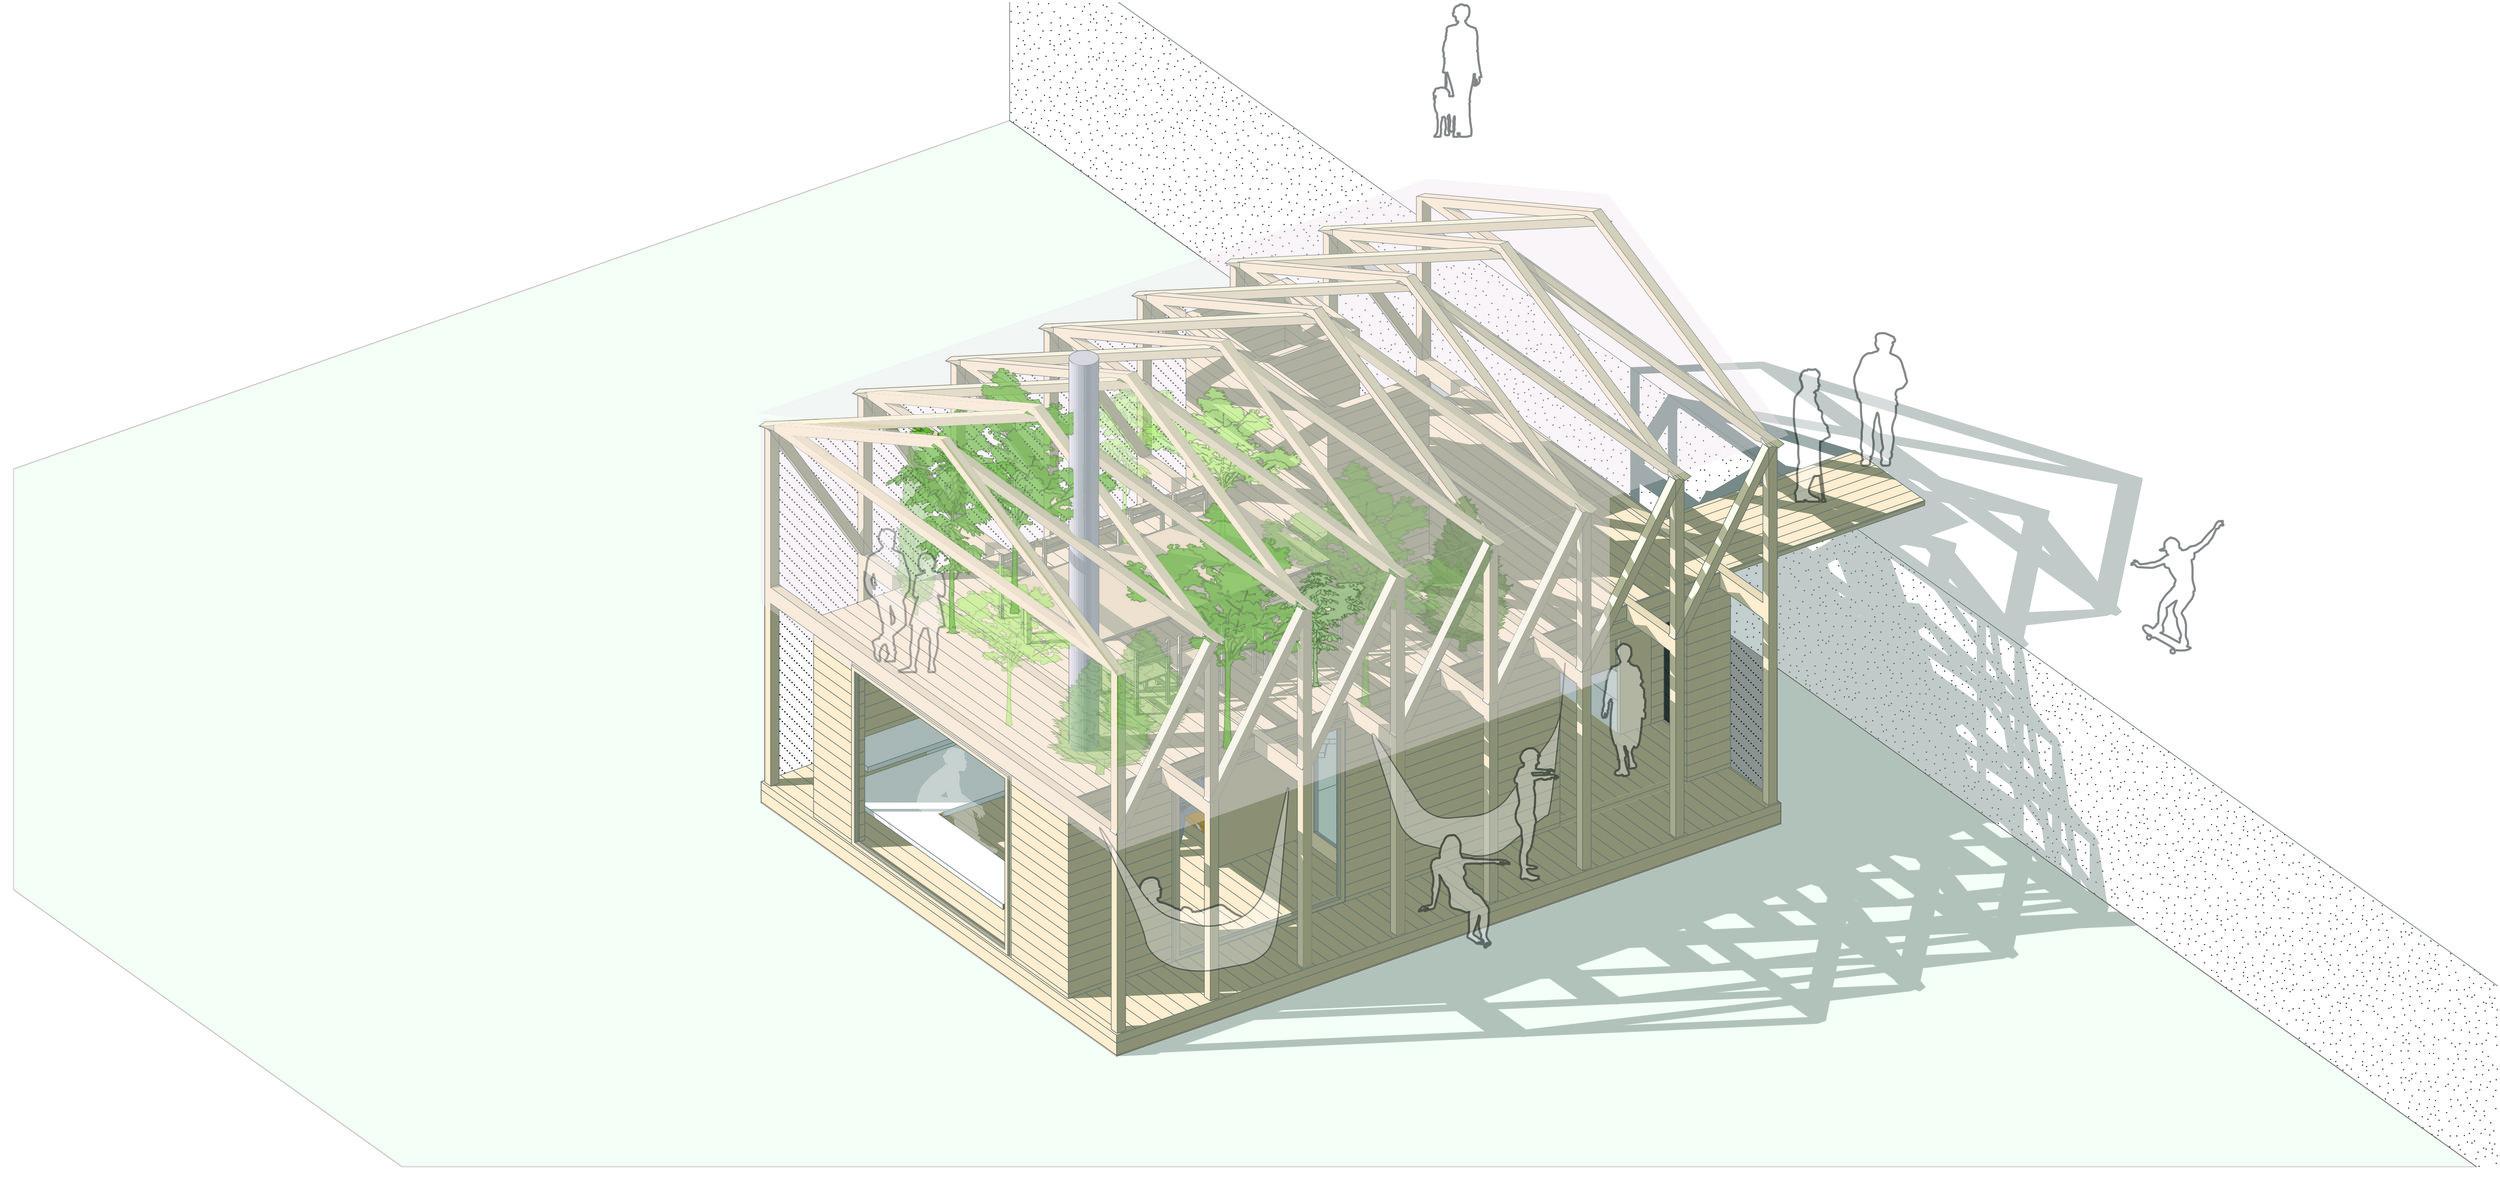 Sauna Axonometry3.jpg